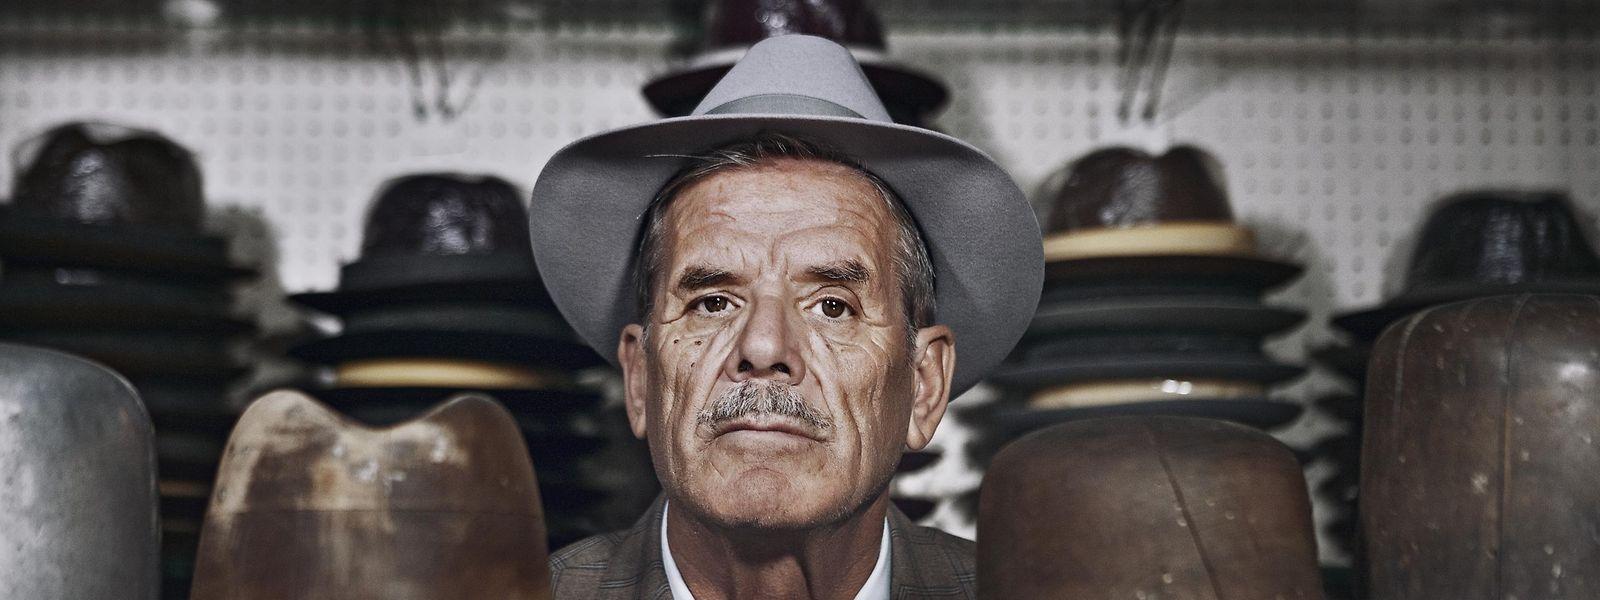 Ein Mann mit Geschmack: Inmitten von Hüten und Hutformen posiert Ciro Russo im Anzug von Alessandro Gilles in seinem Atelier.